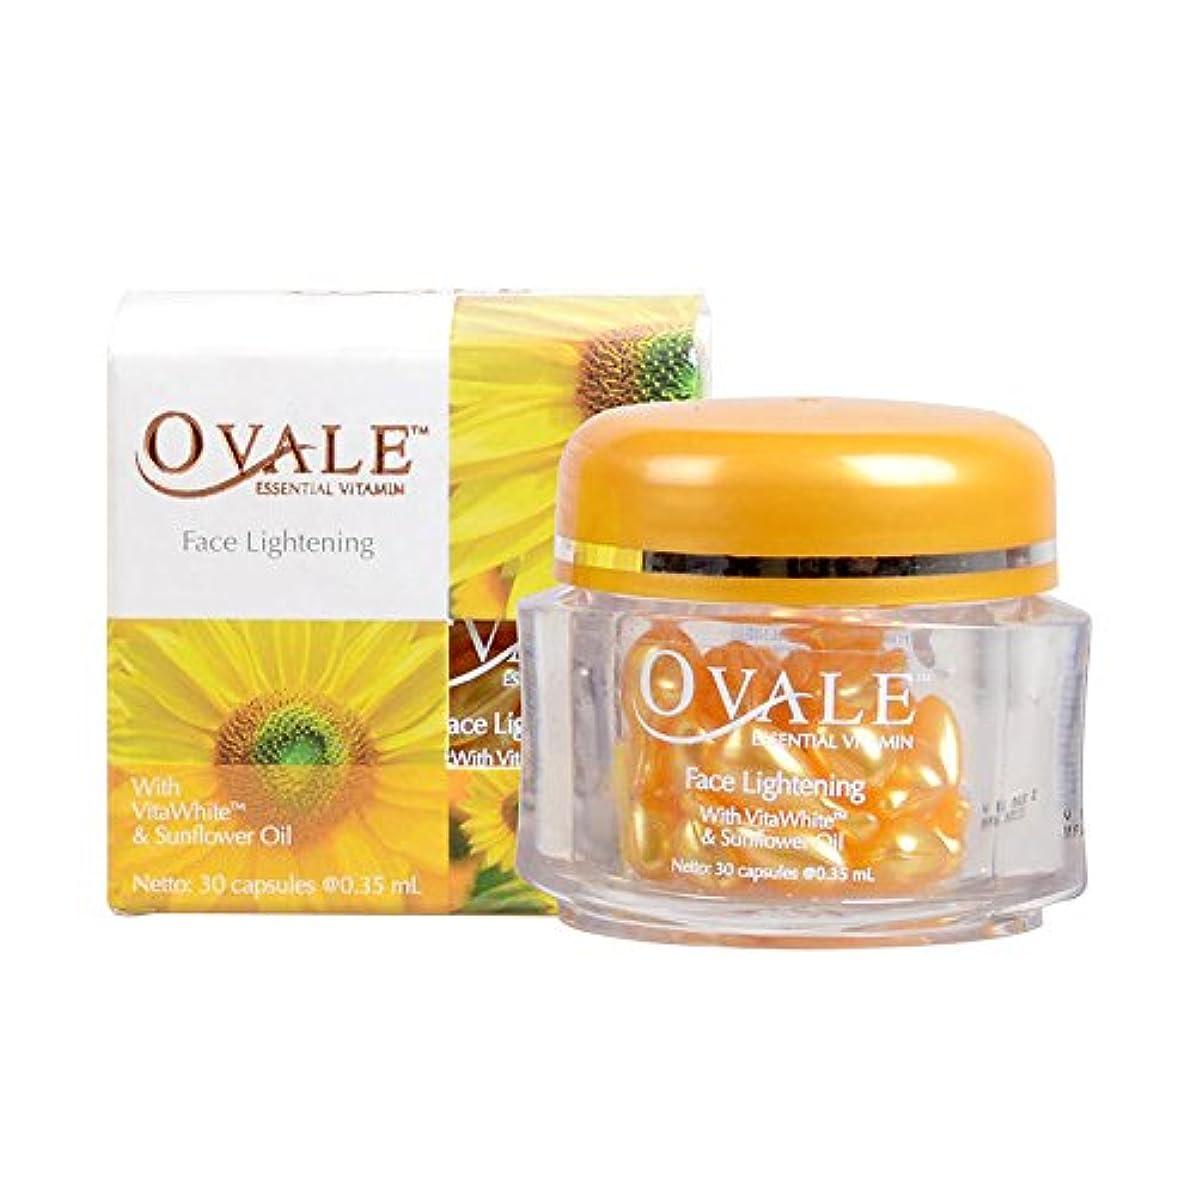 マラソンミュージカル系譜Ovale オーバル フェイスビタミン essential vitamin 30粒入ボトル サンフラワー バリ島 bali [海外直送品]